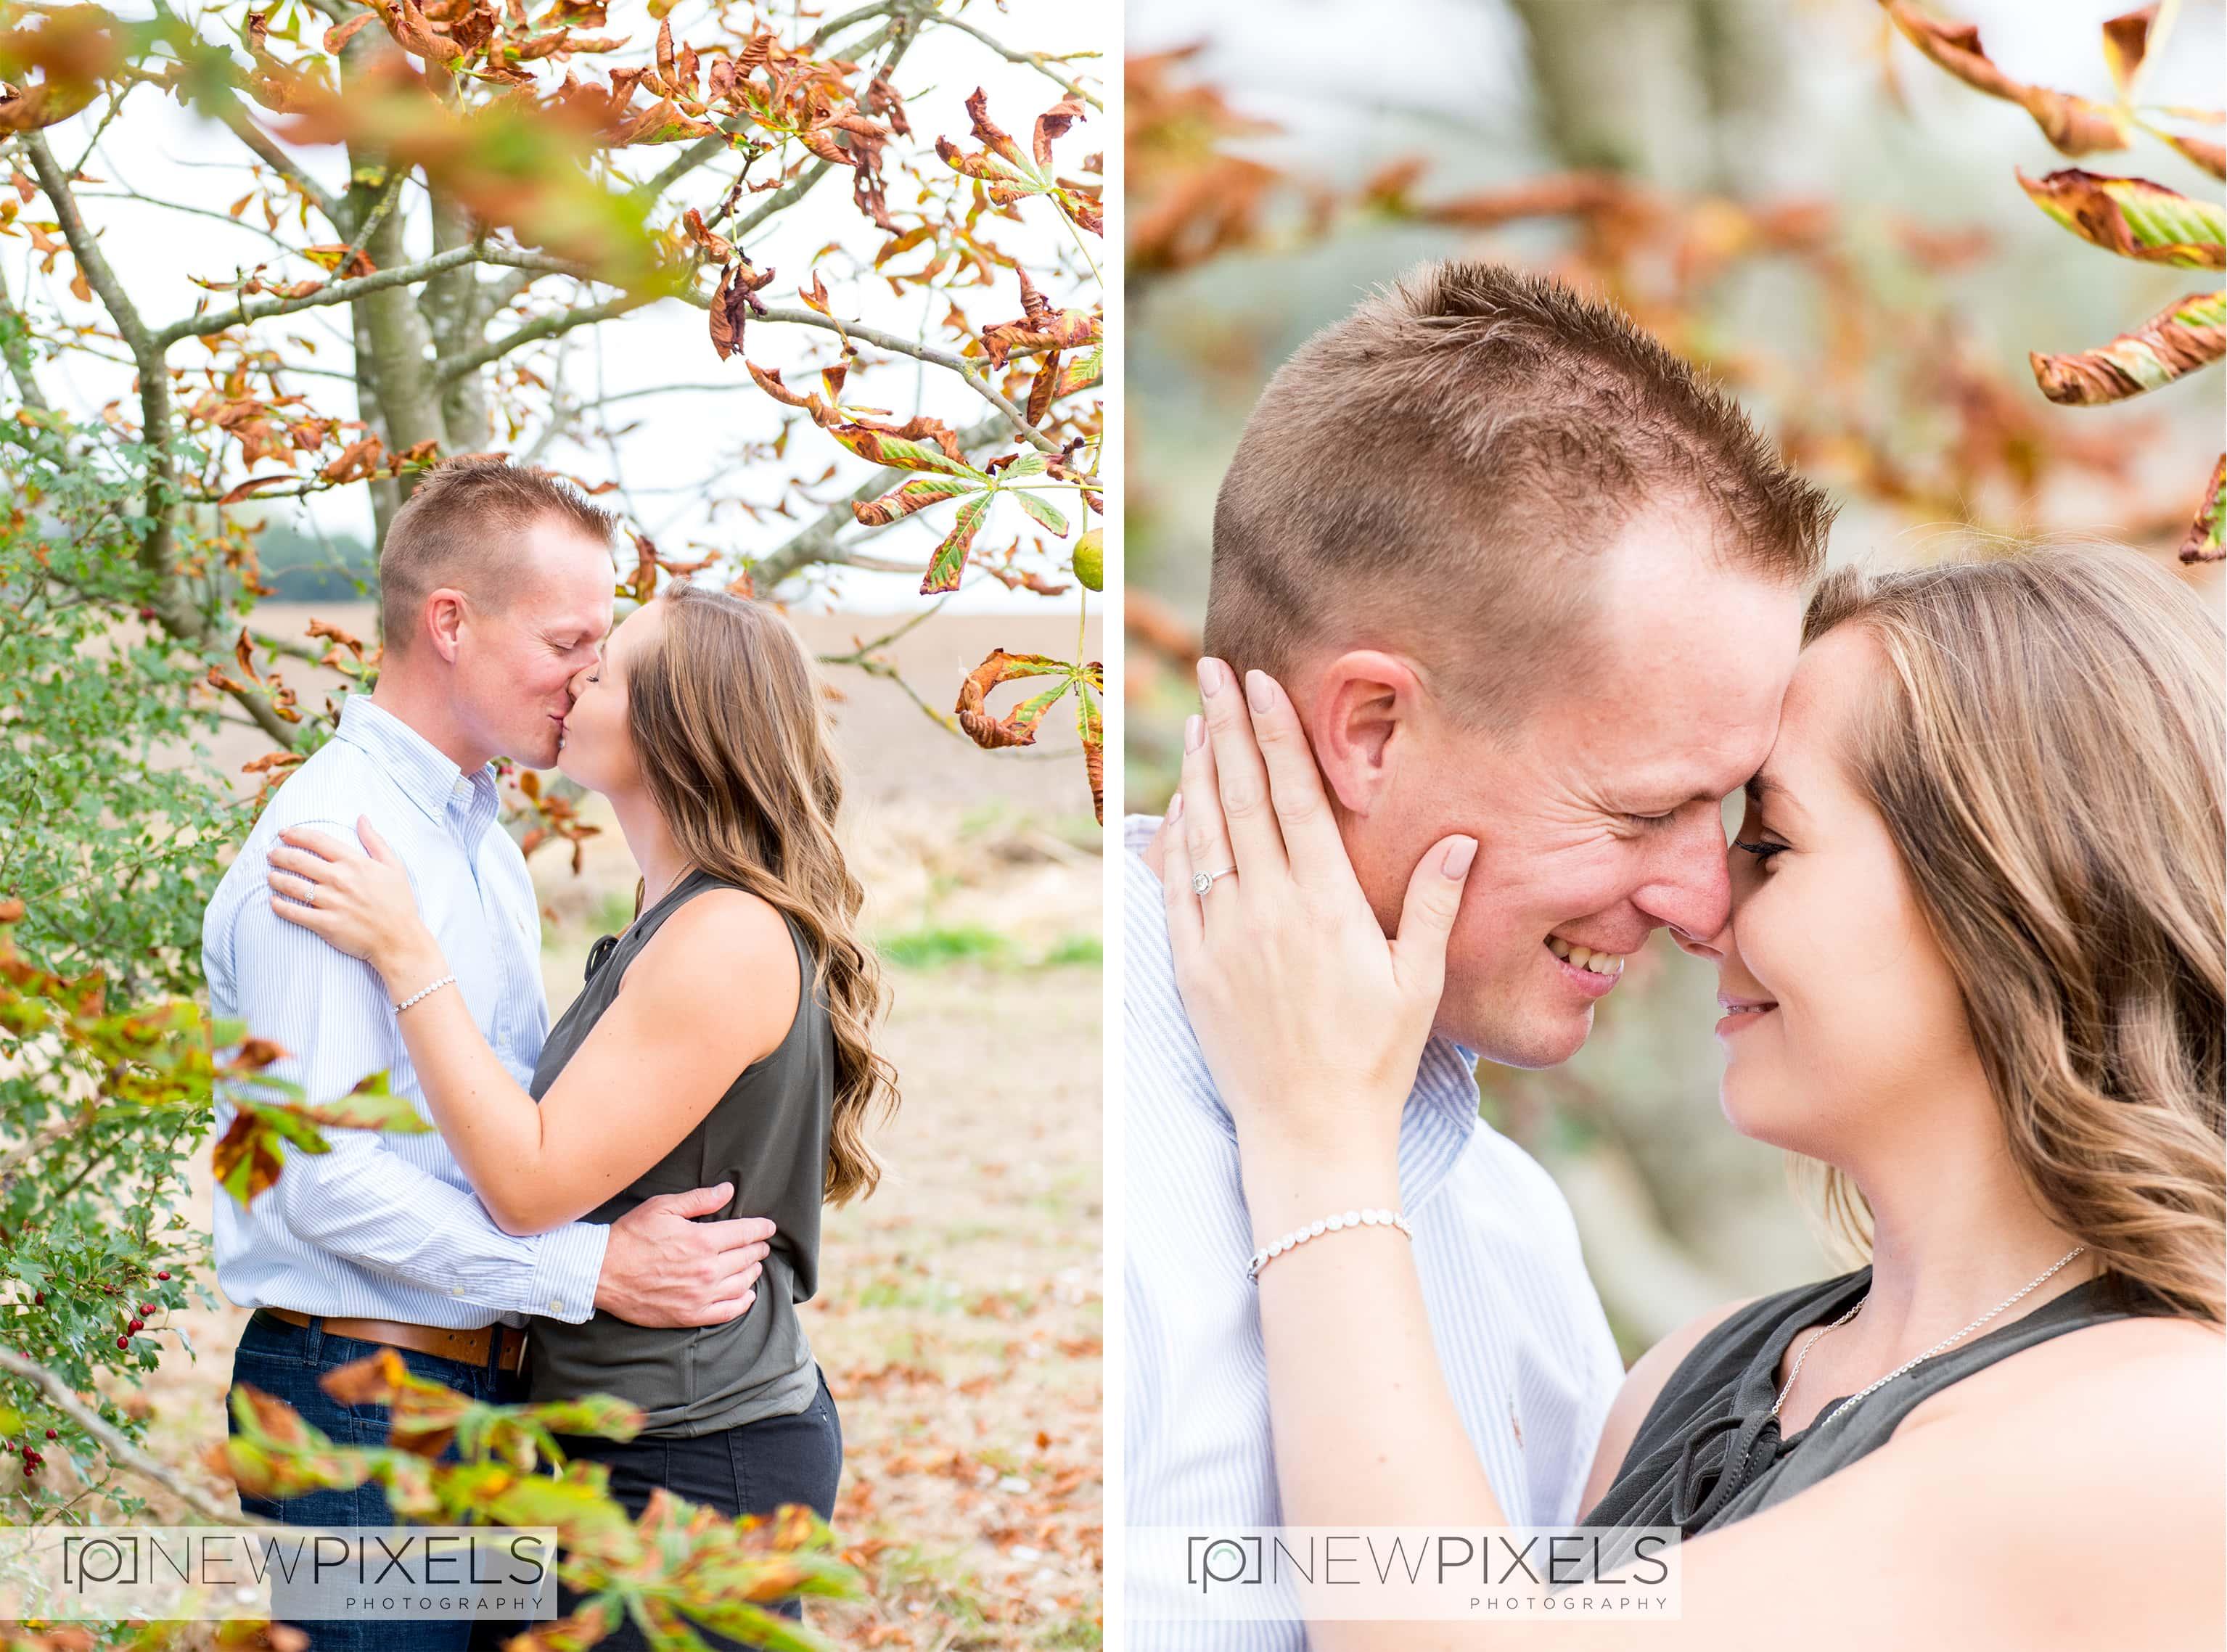 Engagement Photography hertfordshire5